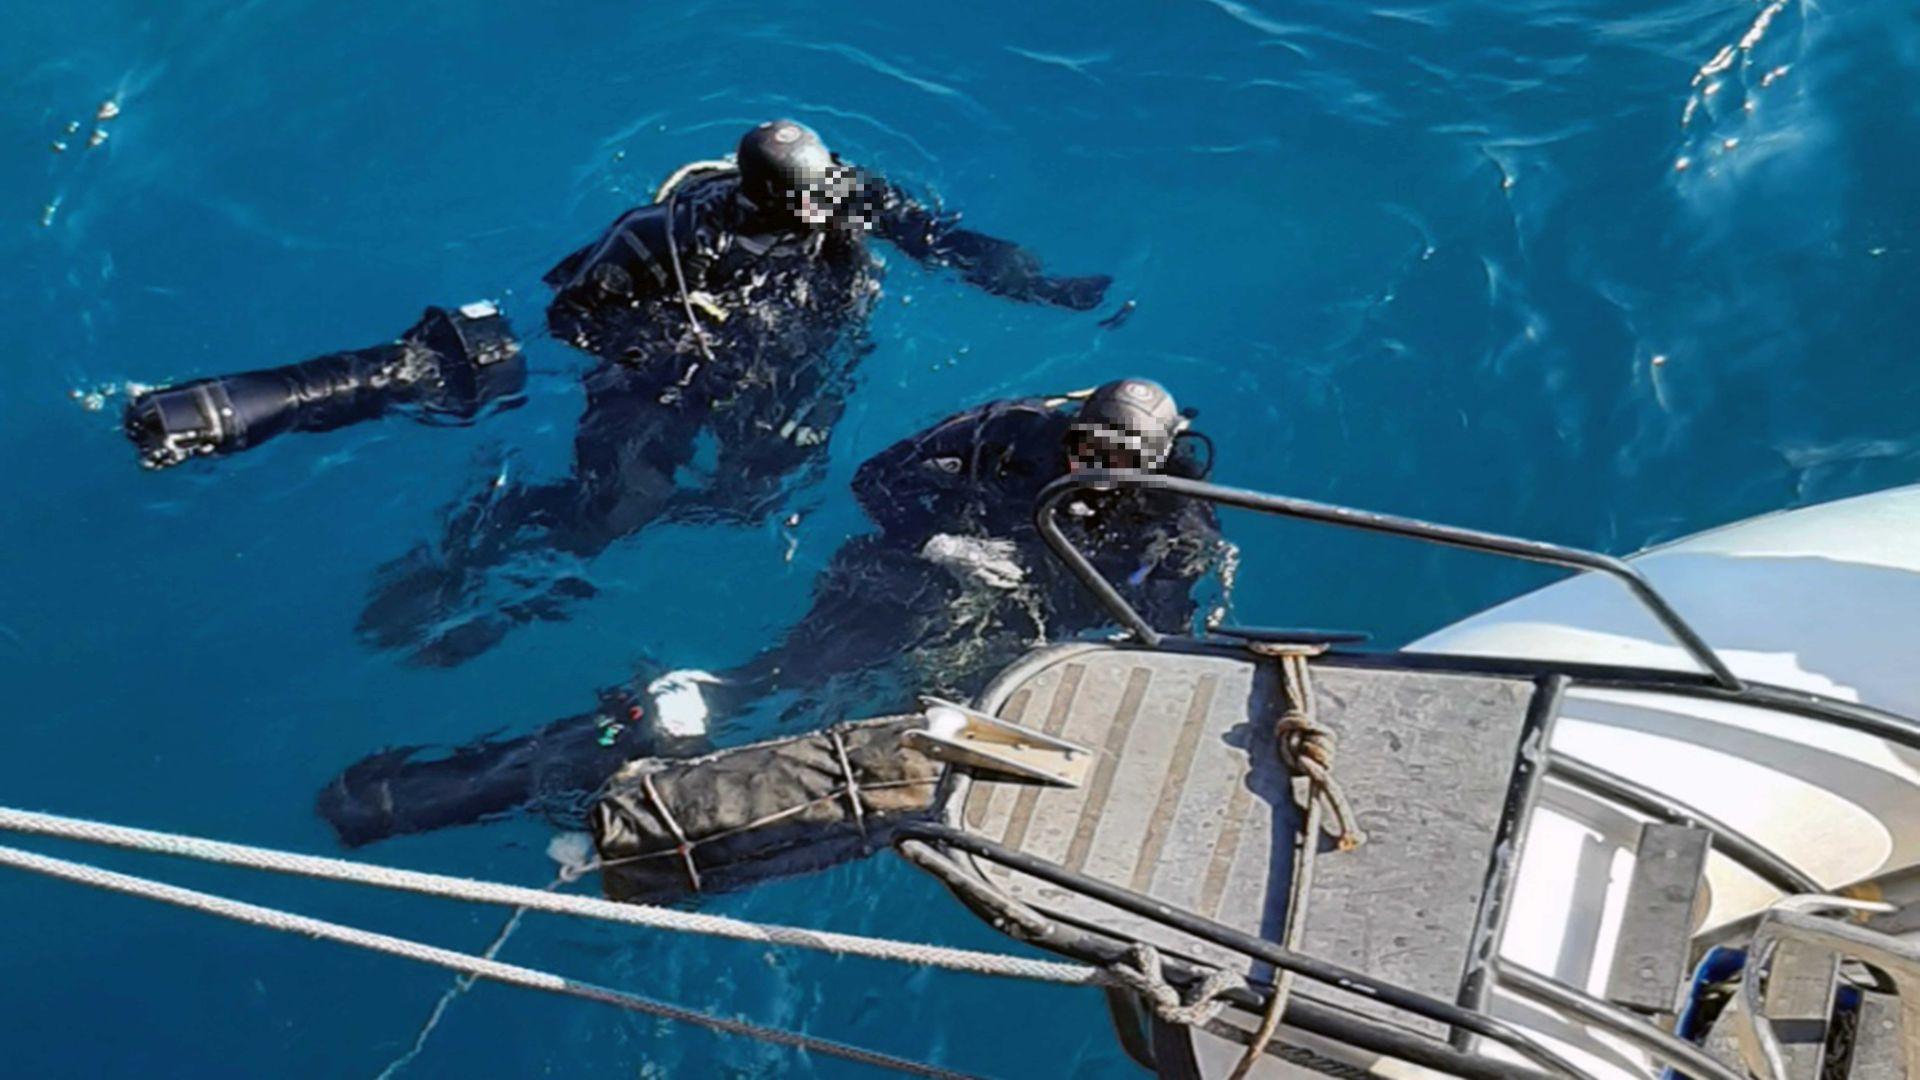 Κόρινθος: Εντυπωσιακά υποβρύχια πλάνα από τον εντοπισμό του πλοίου με τα 46 κιλά κοκαΐνης